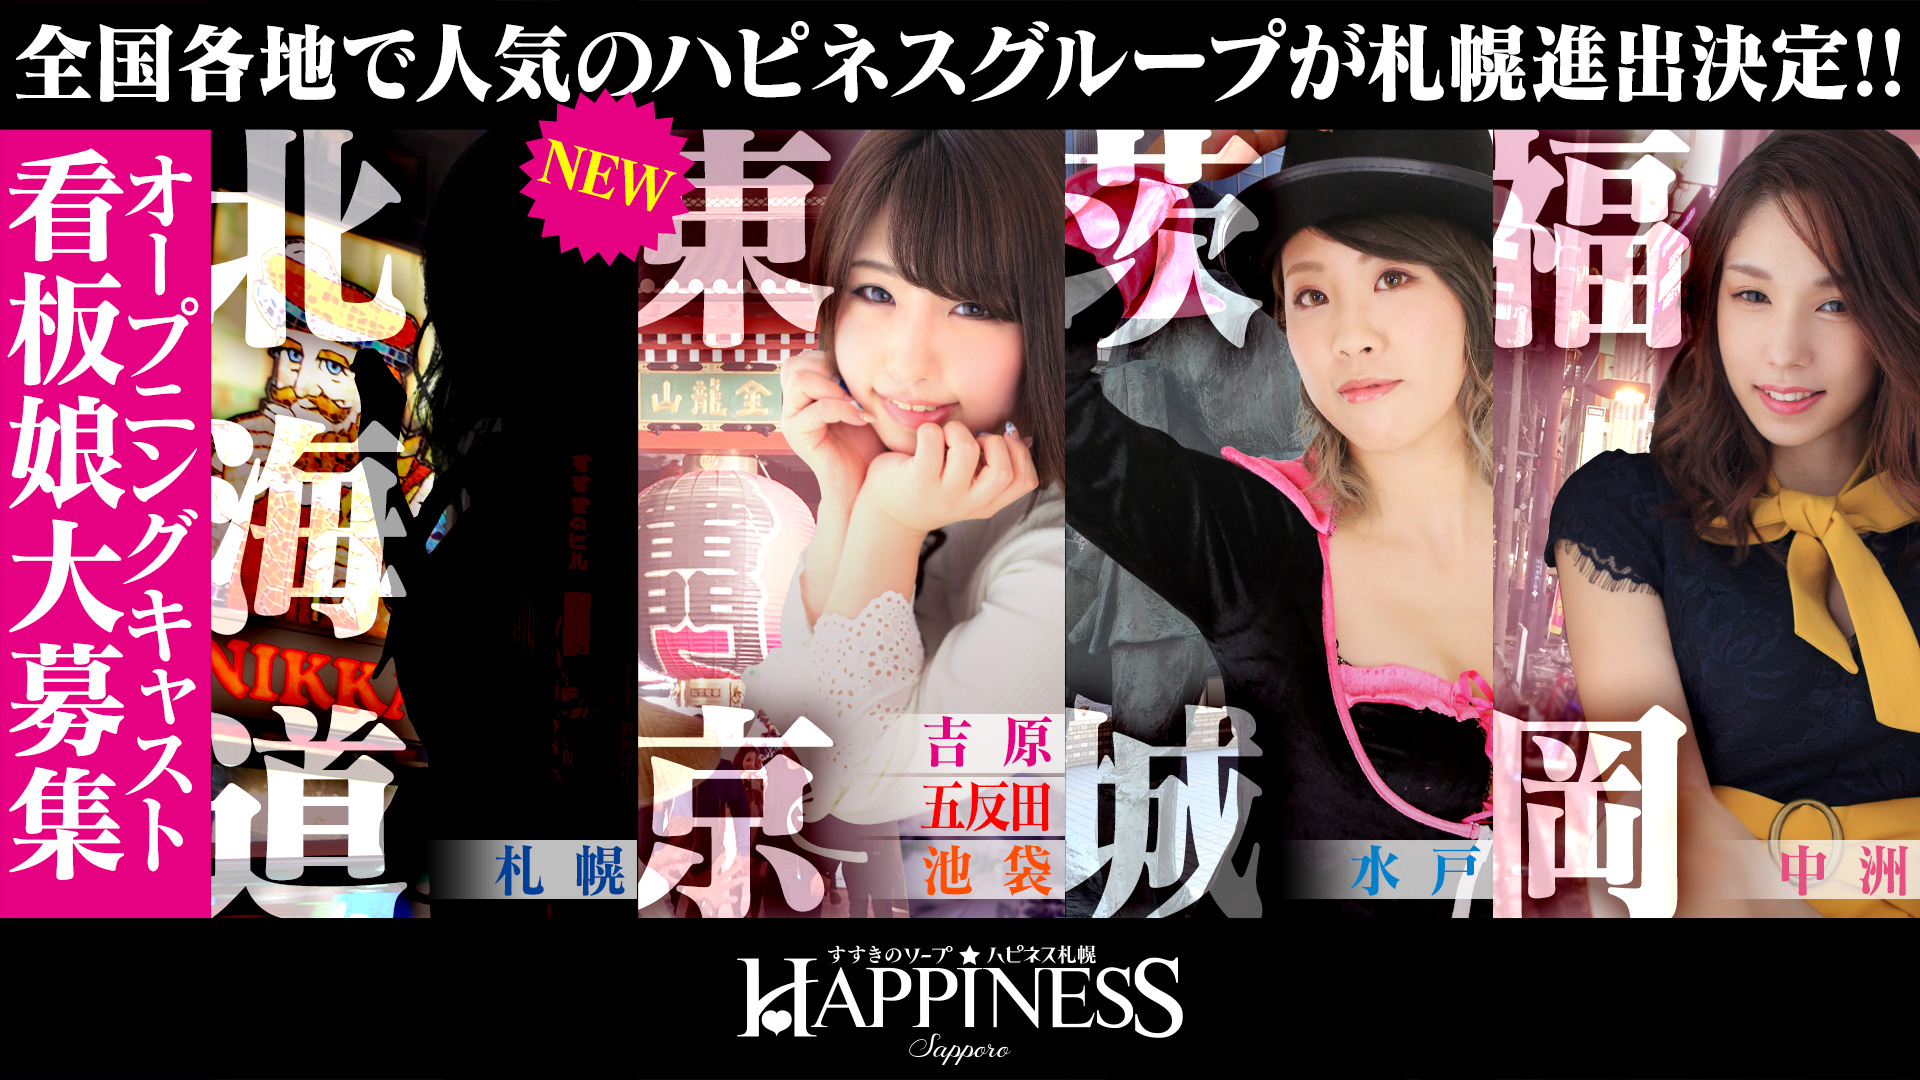 ハピネス札幌の求人画像